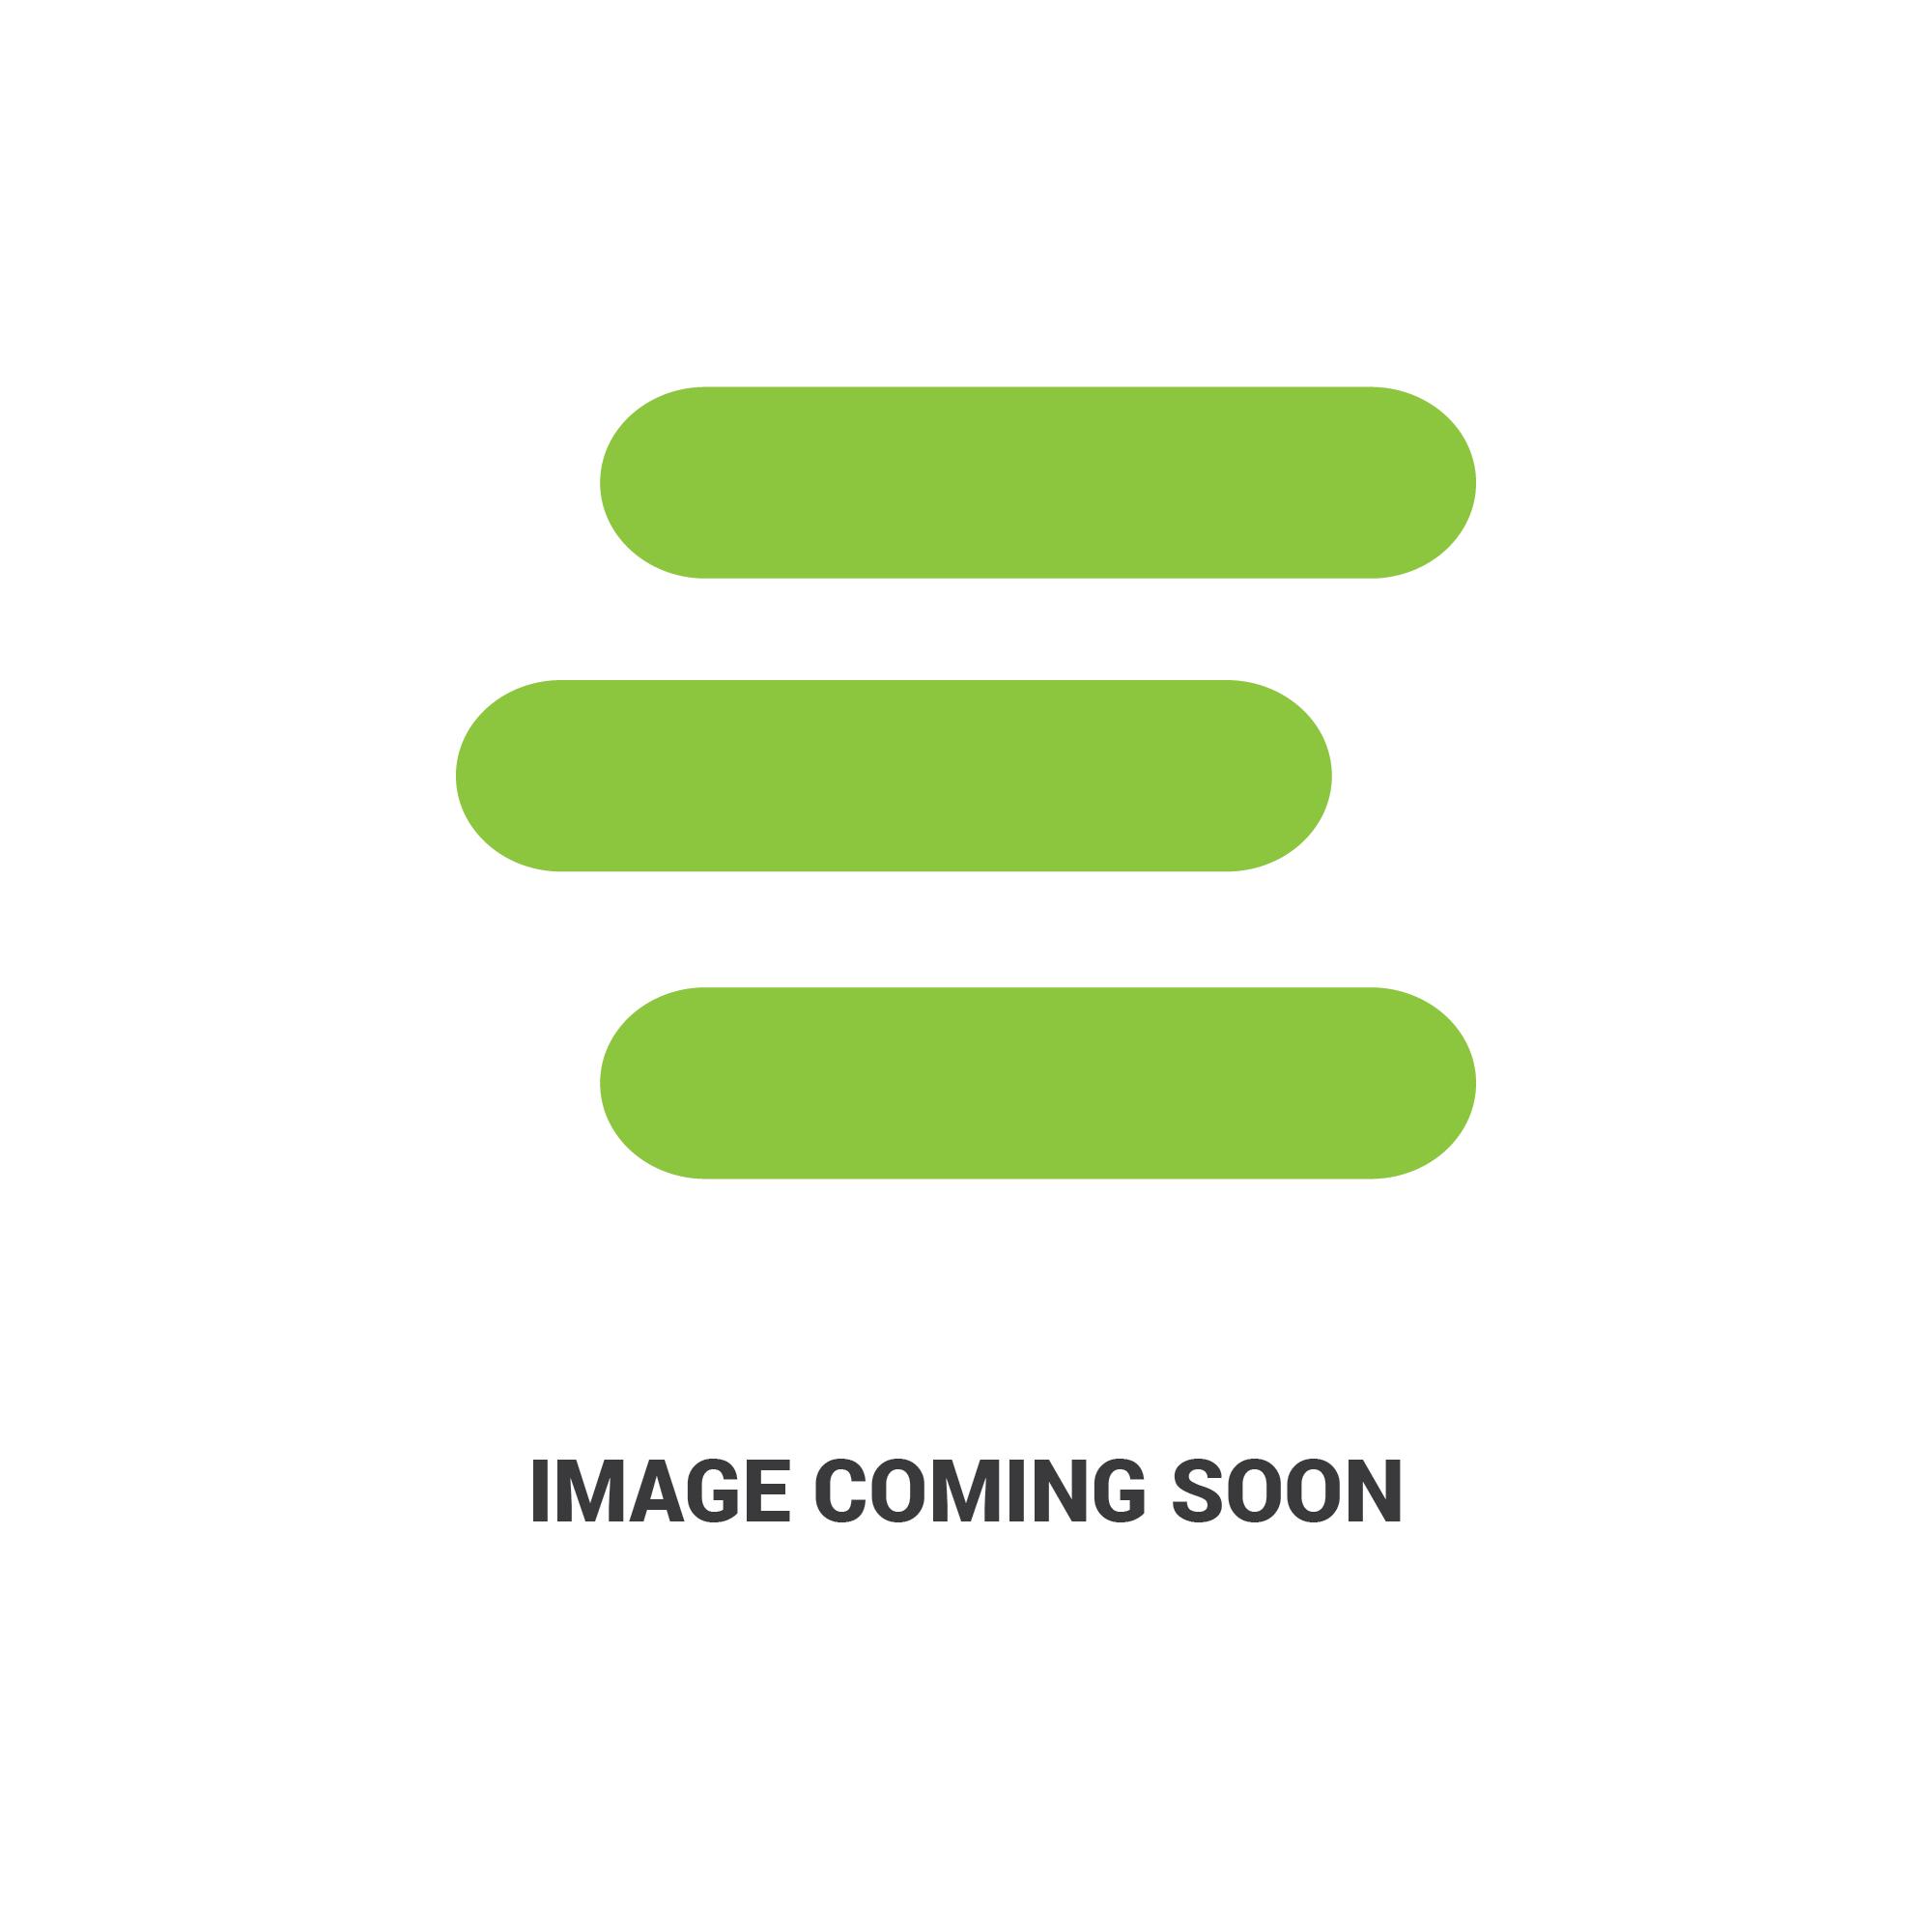 E-E27N995272edit 1.jpg